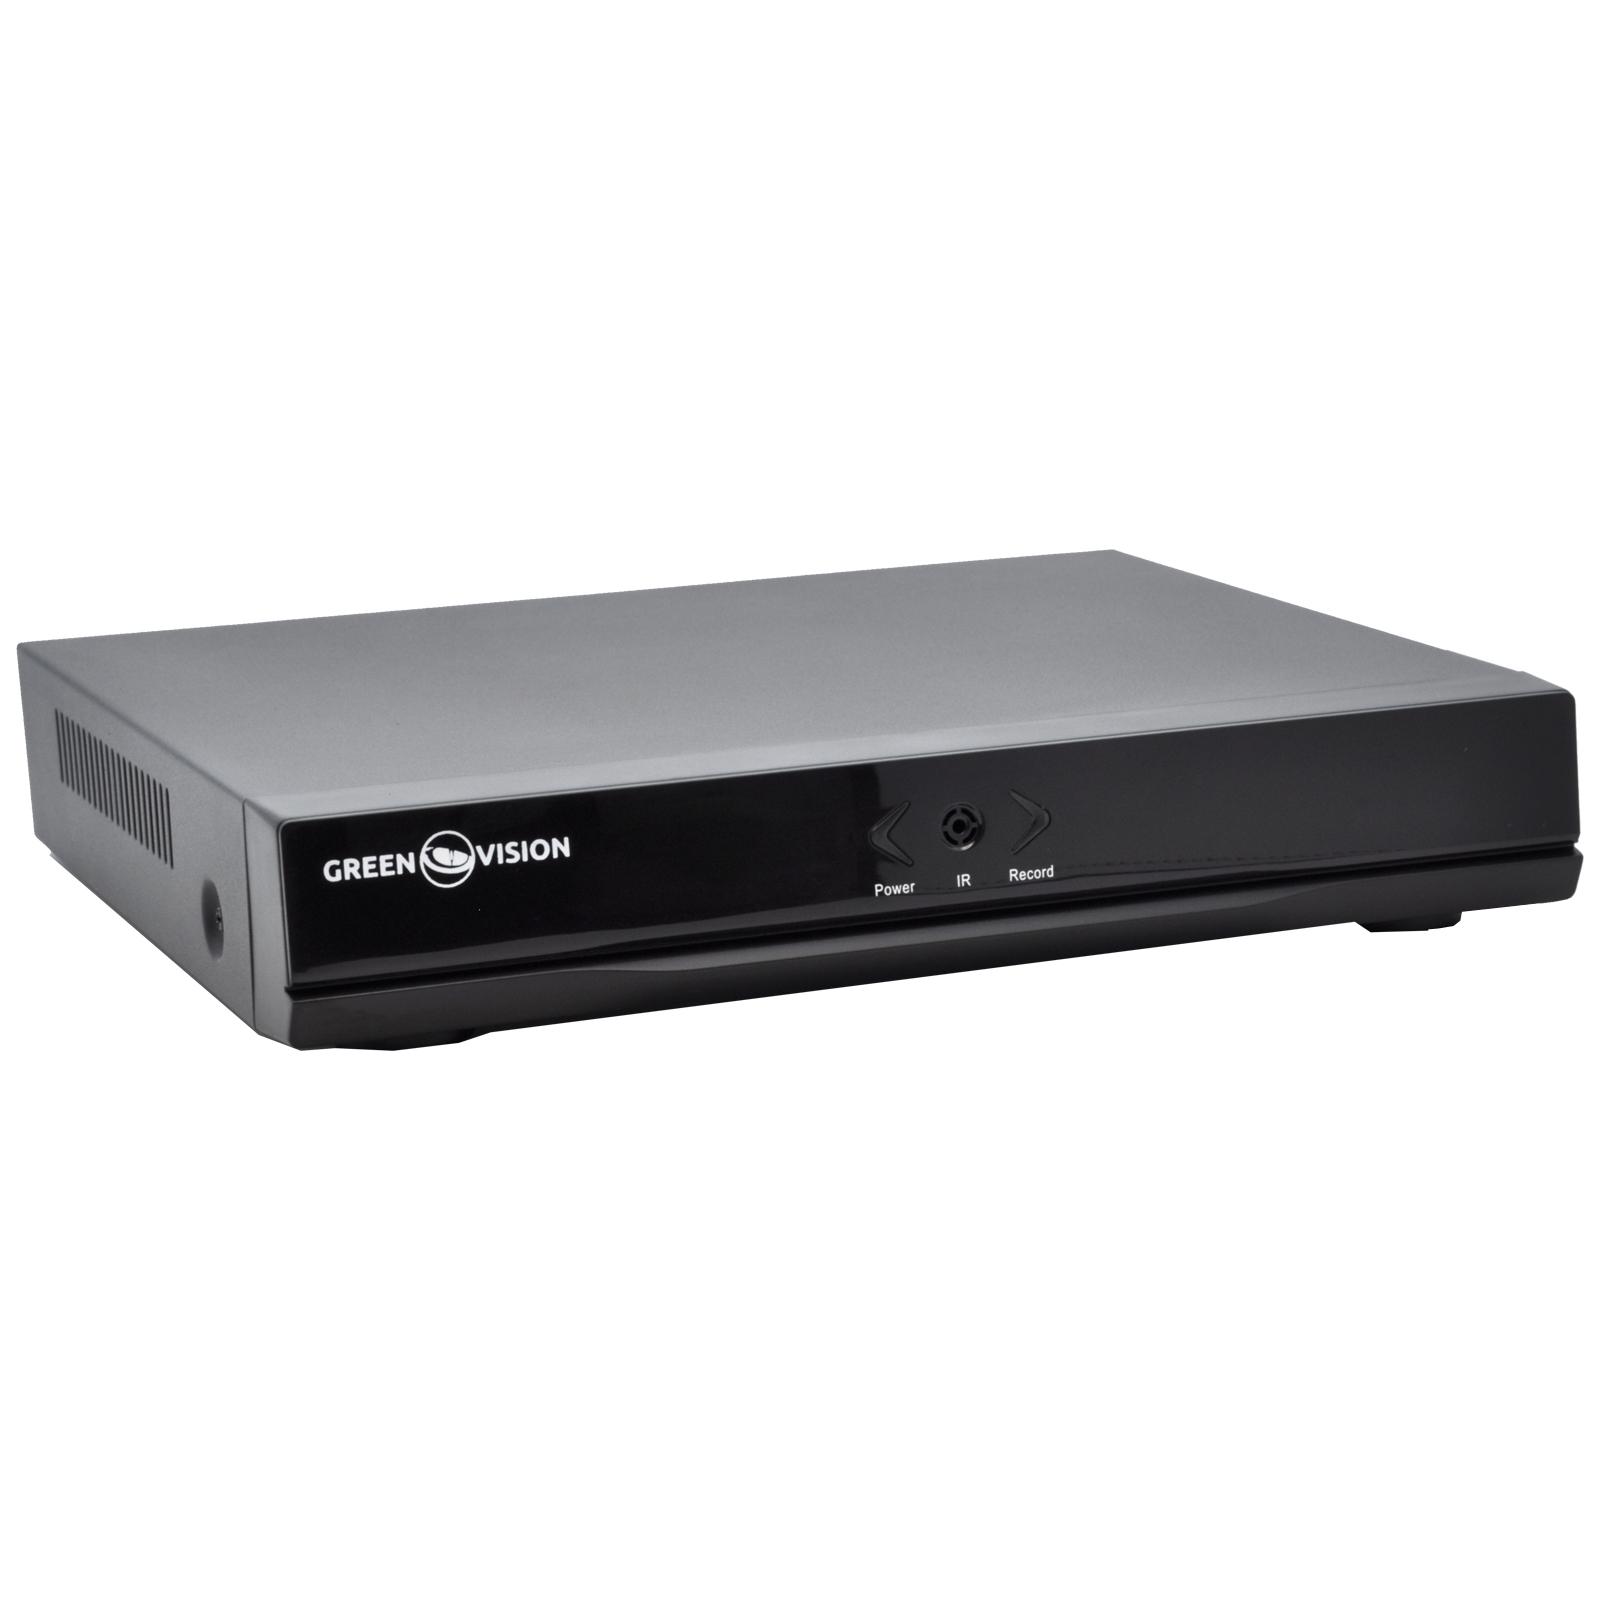 Регистратор для видеонаблюдения GreenVision AHD GV-A-S 030/04 (4237) изображение 3